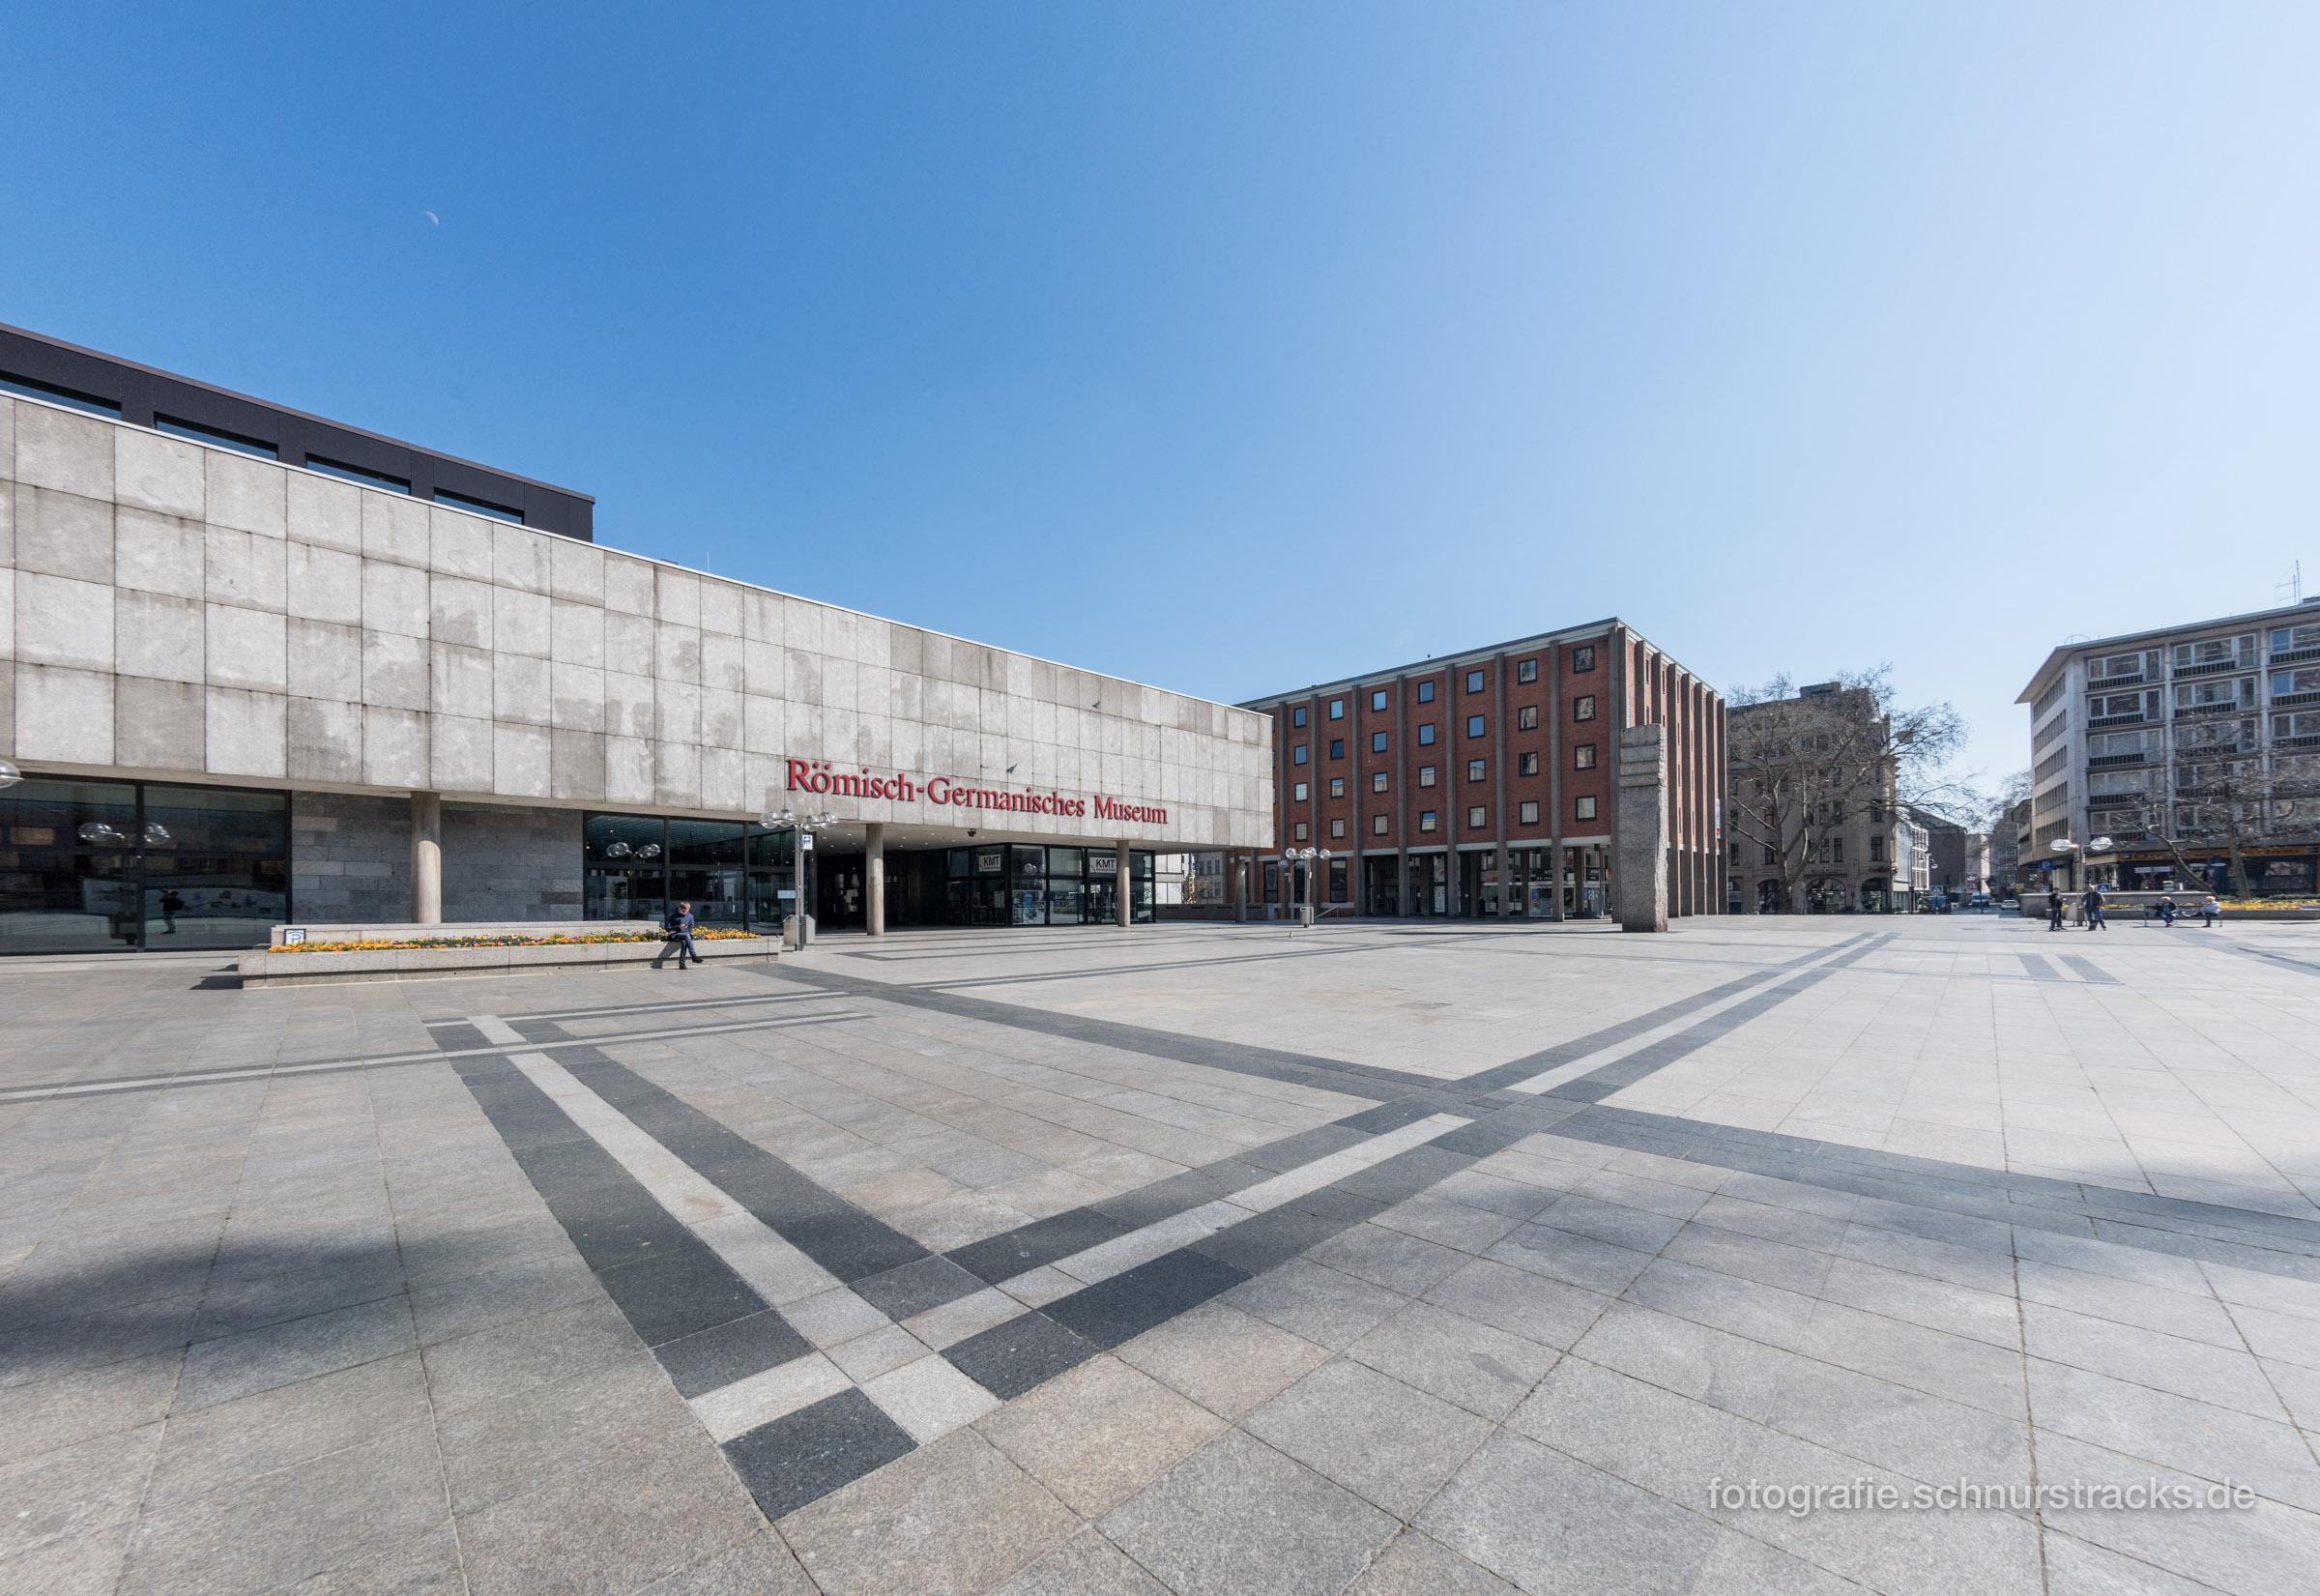 Römisch-Germanisches Museum und leere Domplatte in Köln #2014